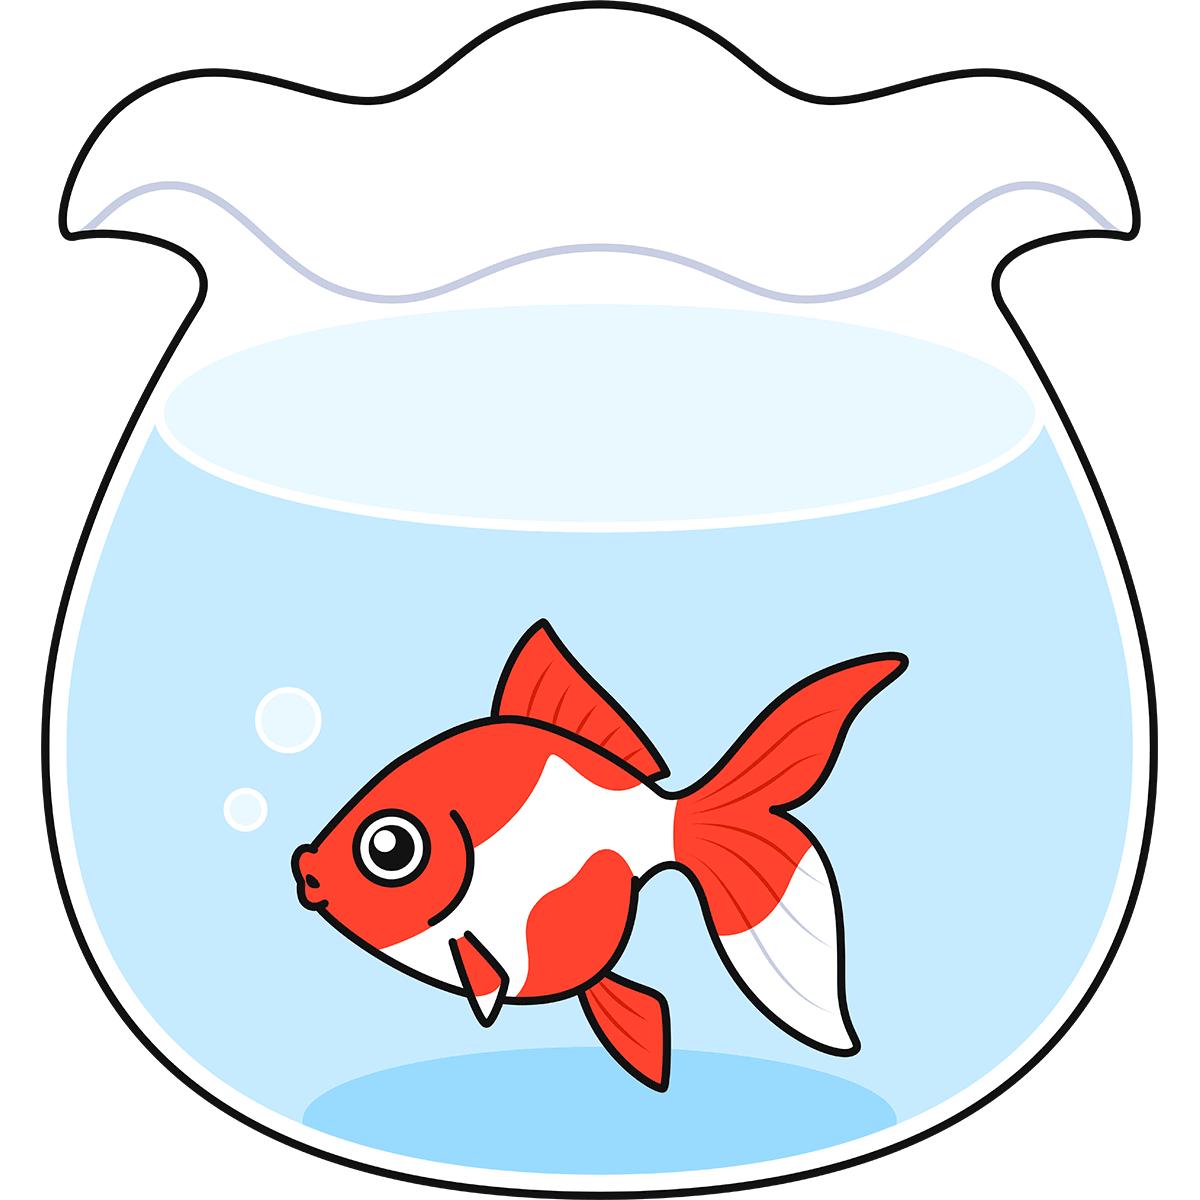 金魚鉢の無料イラスト